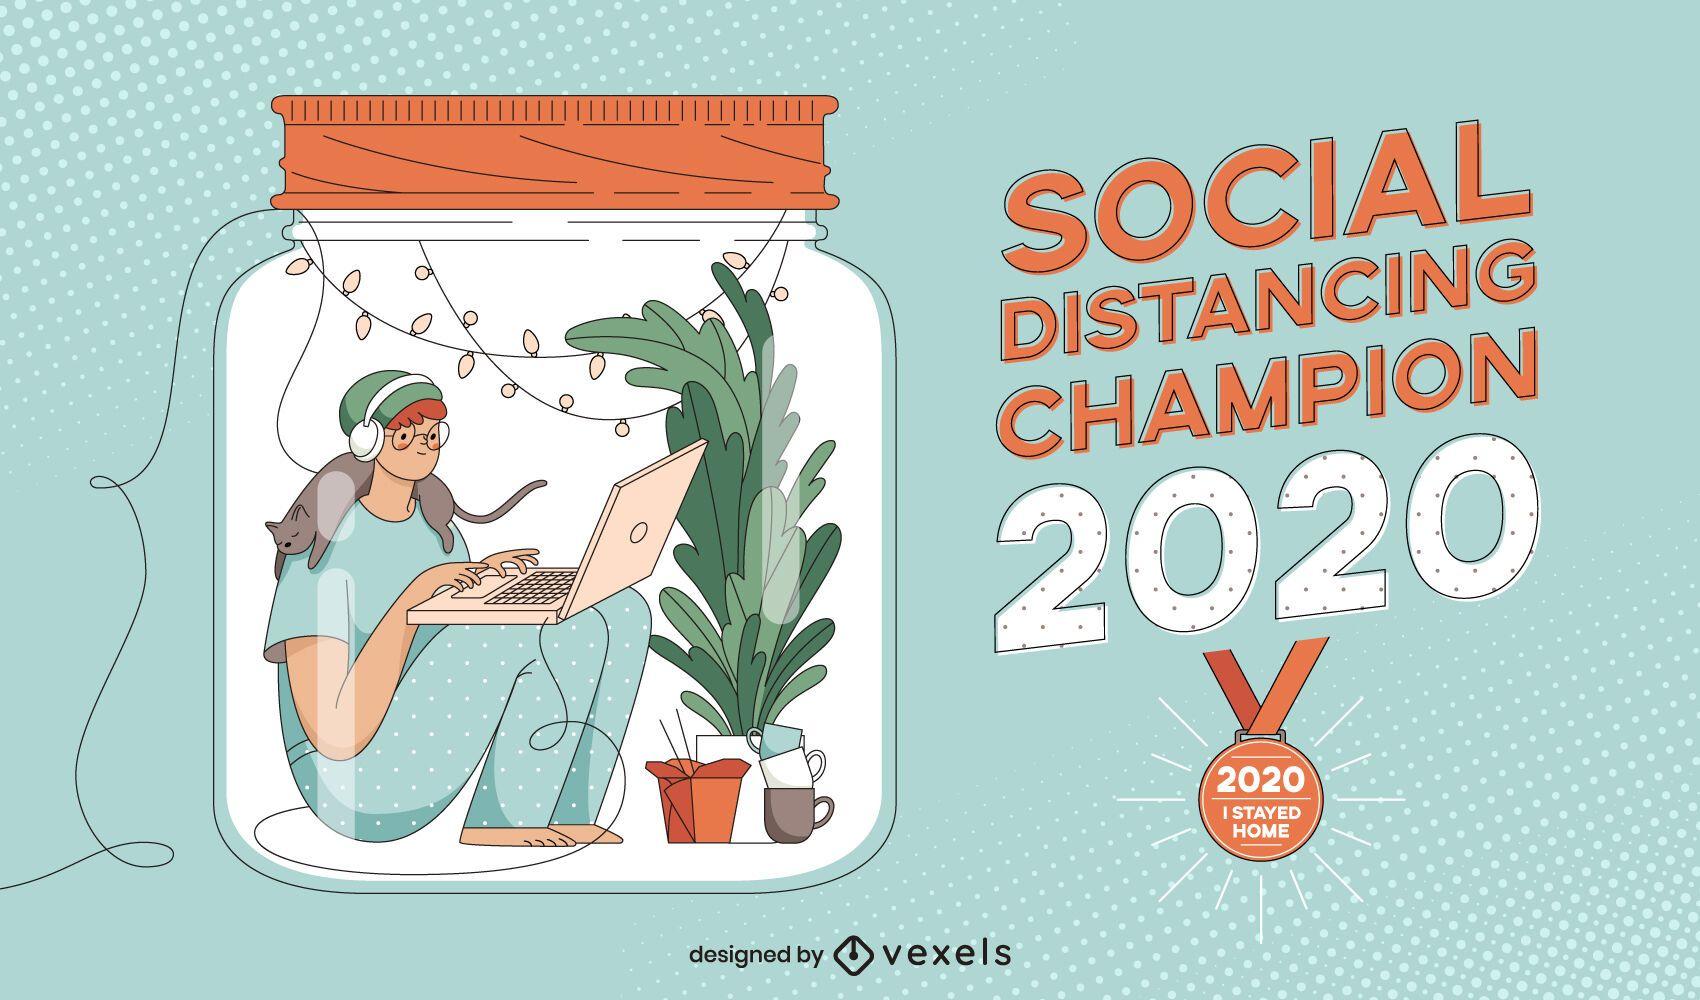 Diseño de ilustración de campeón de distanciamiento social